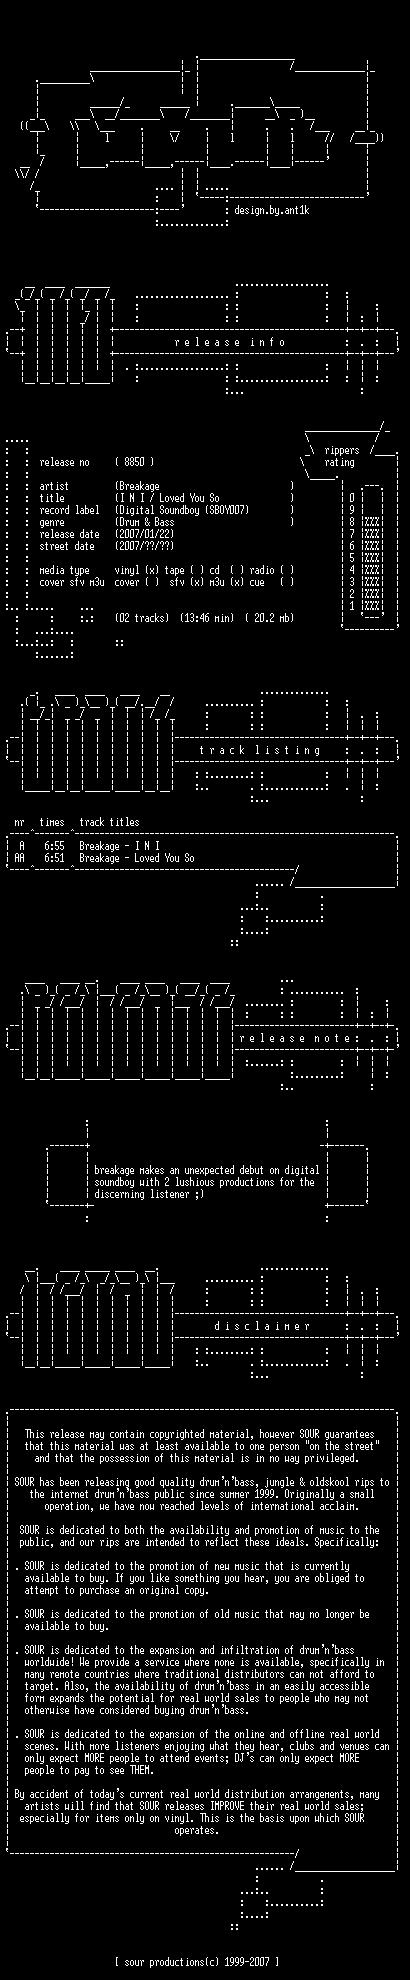 [DnB] Breakage - SBOY007 - Digital Soundboy Sboy0010